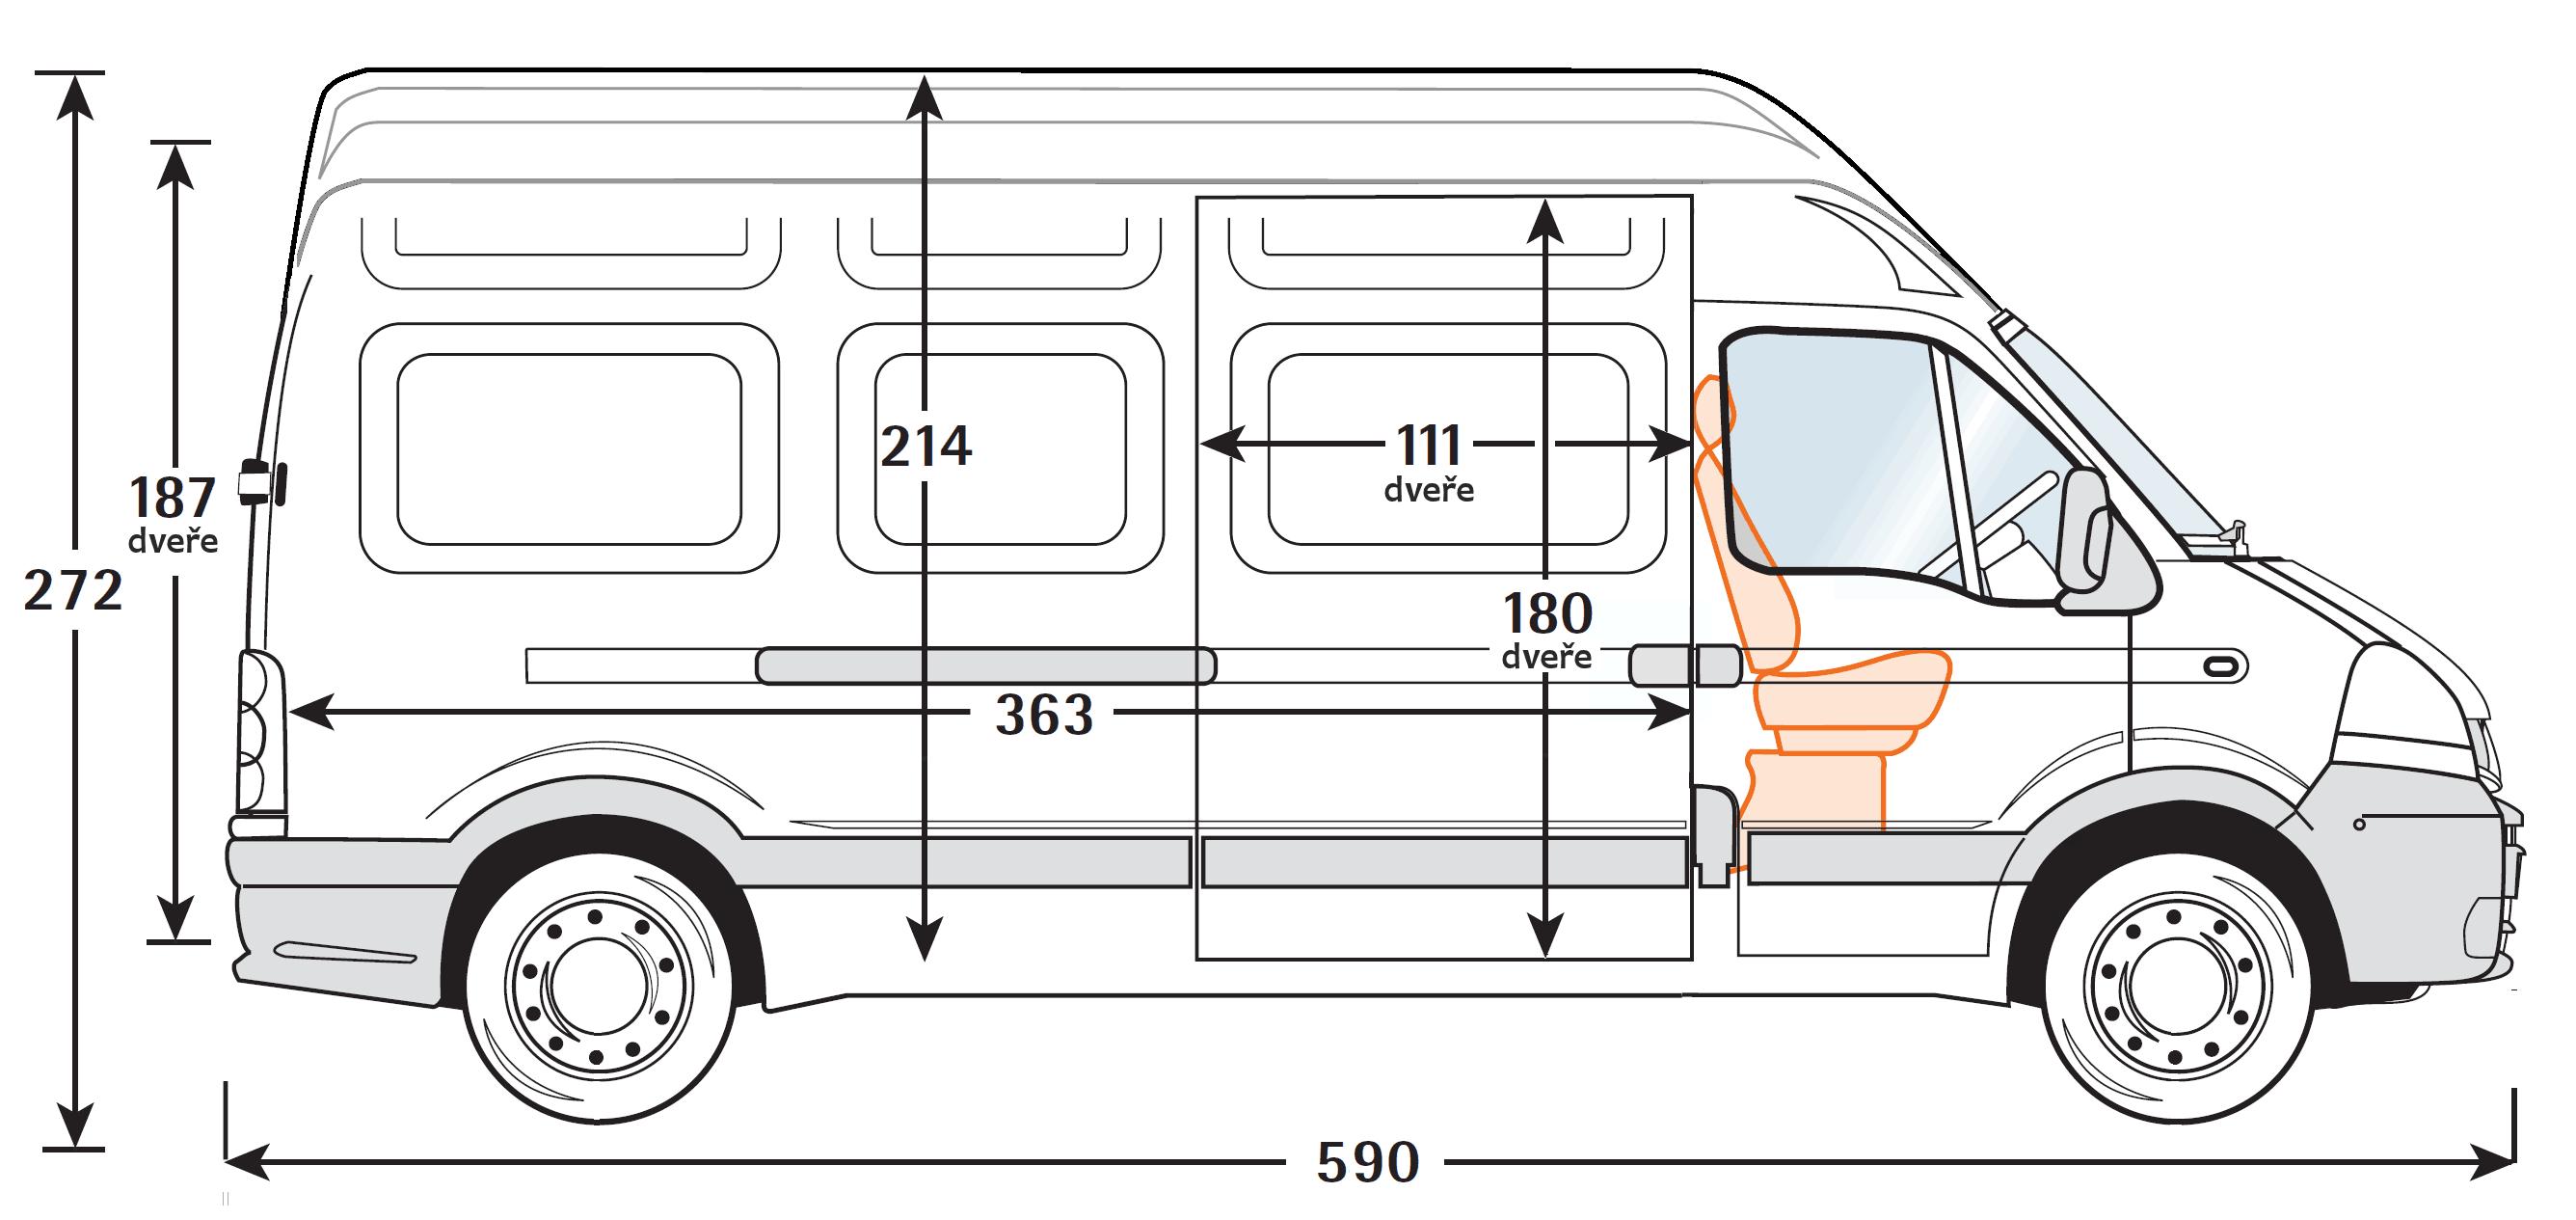 dimensions (click)